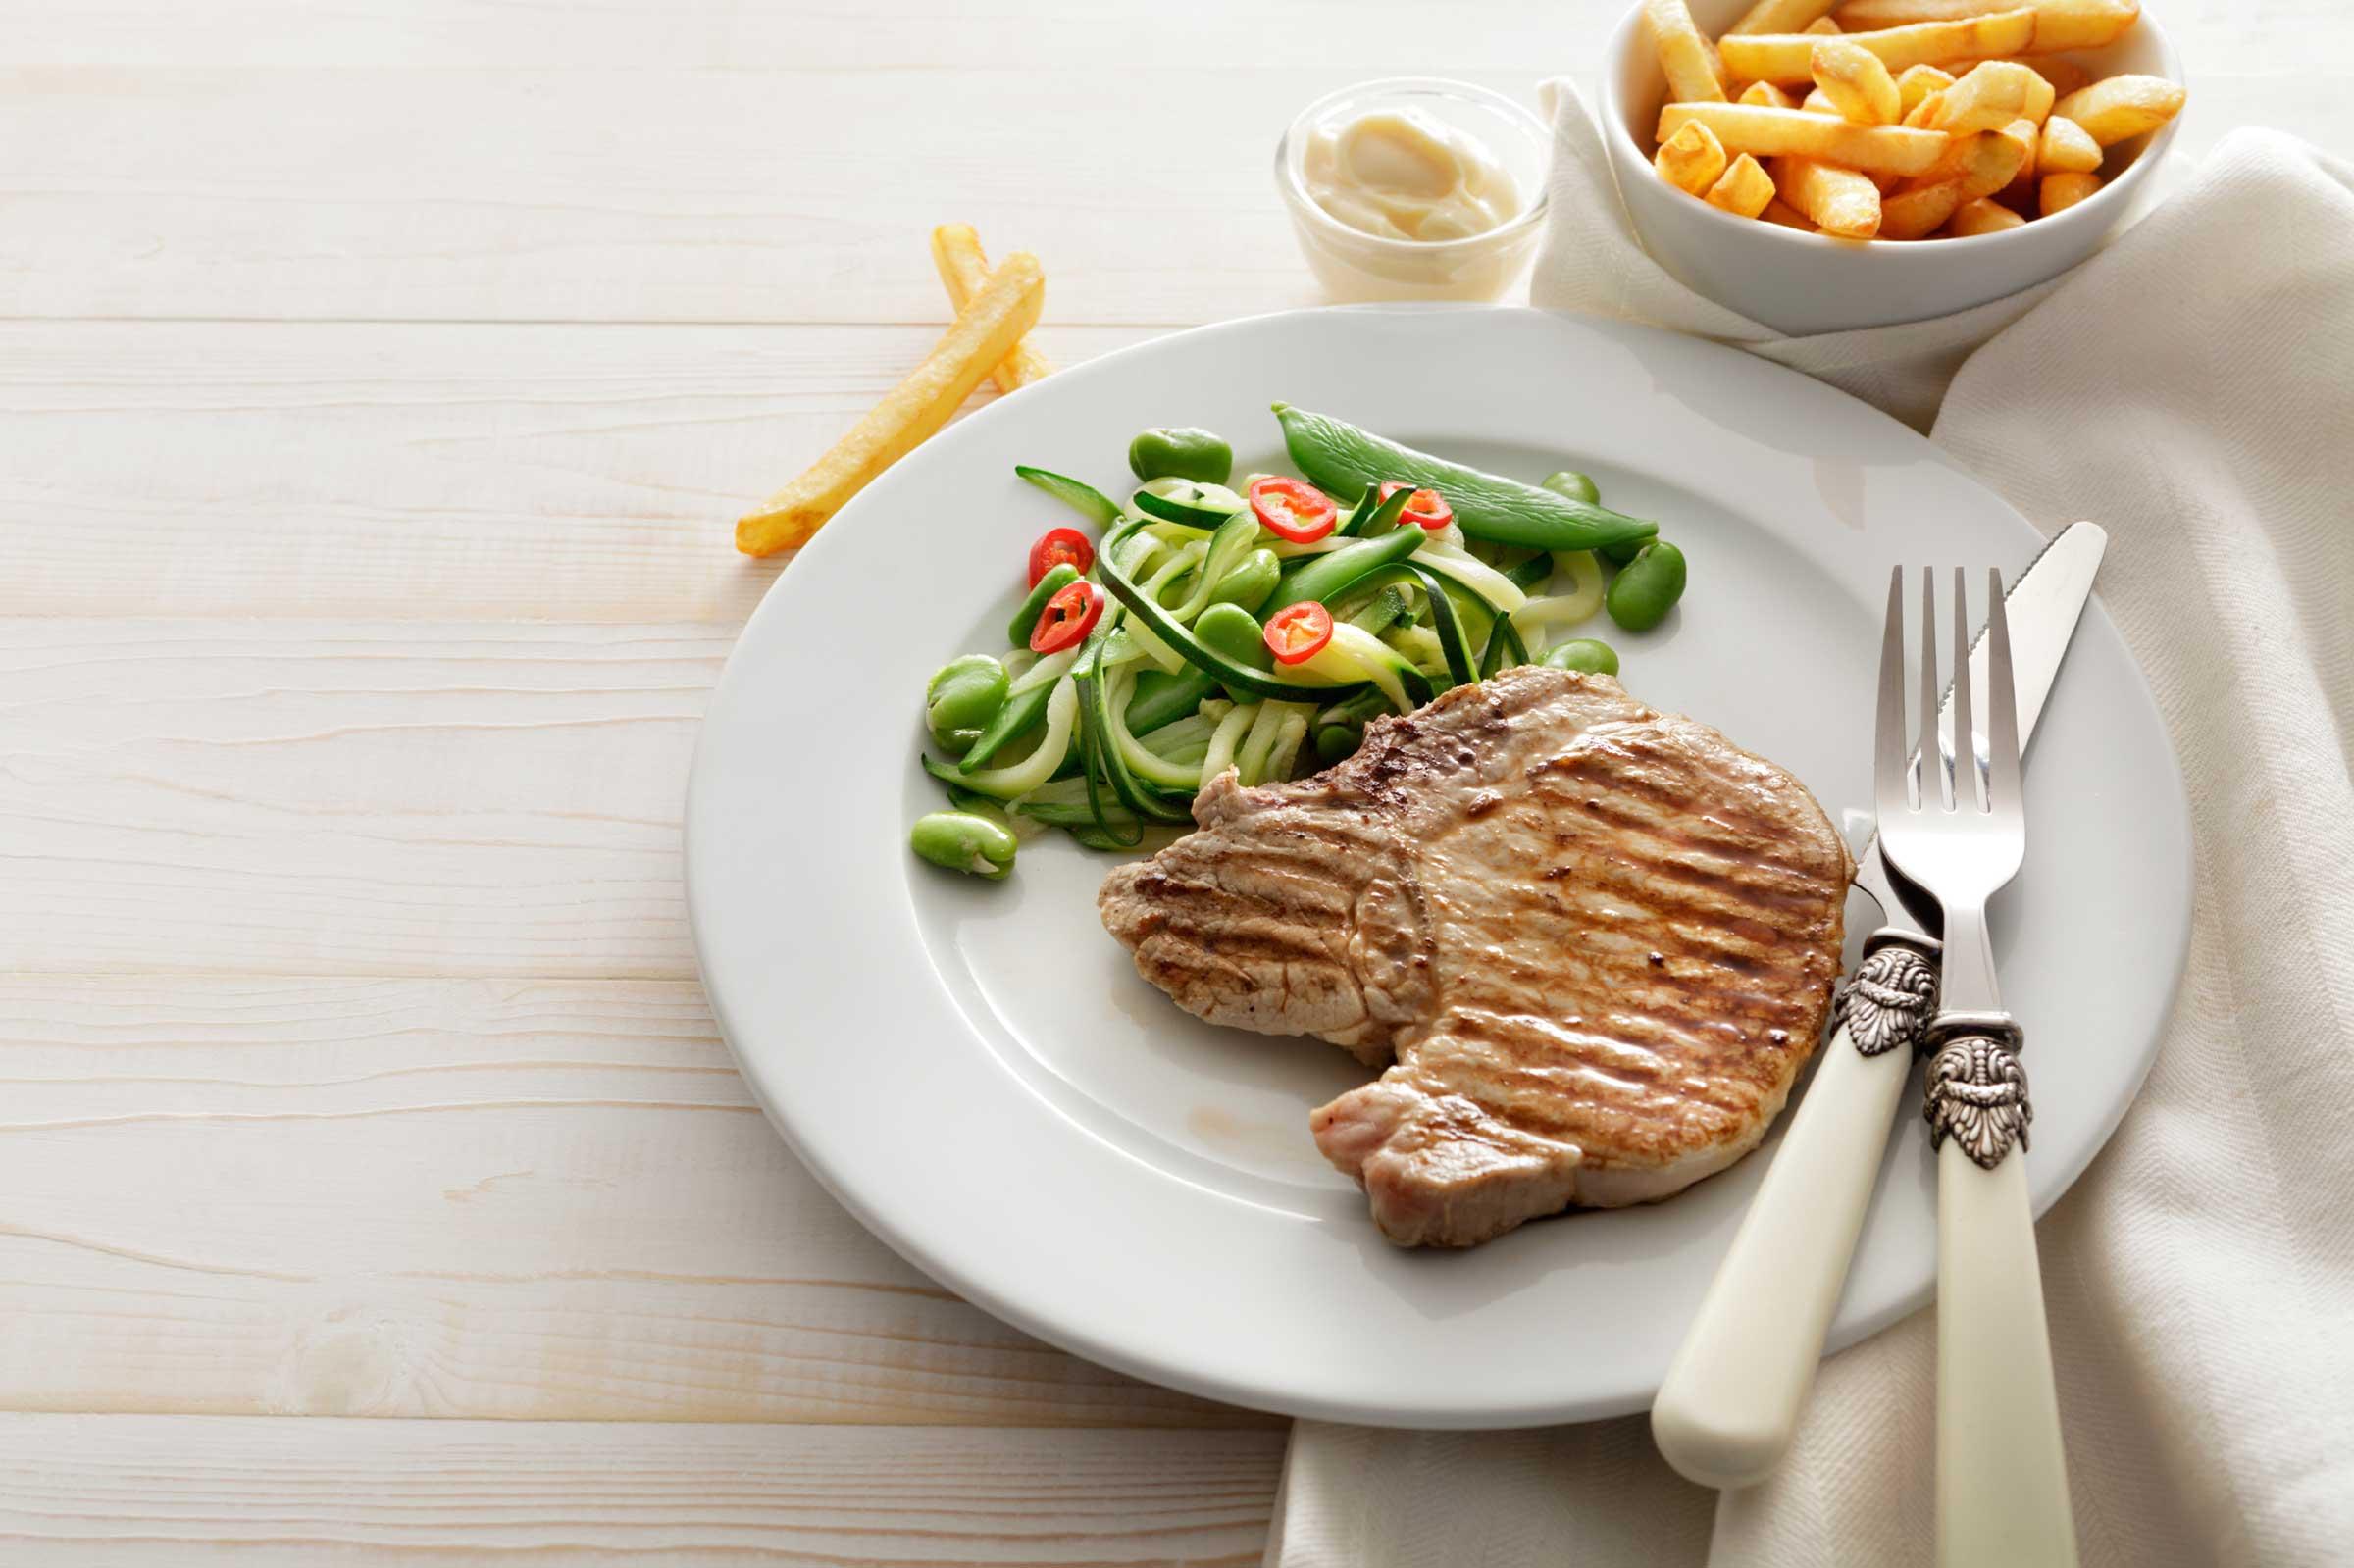 Plato con verduras y carne magra